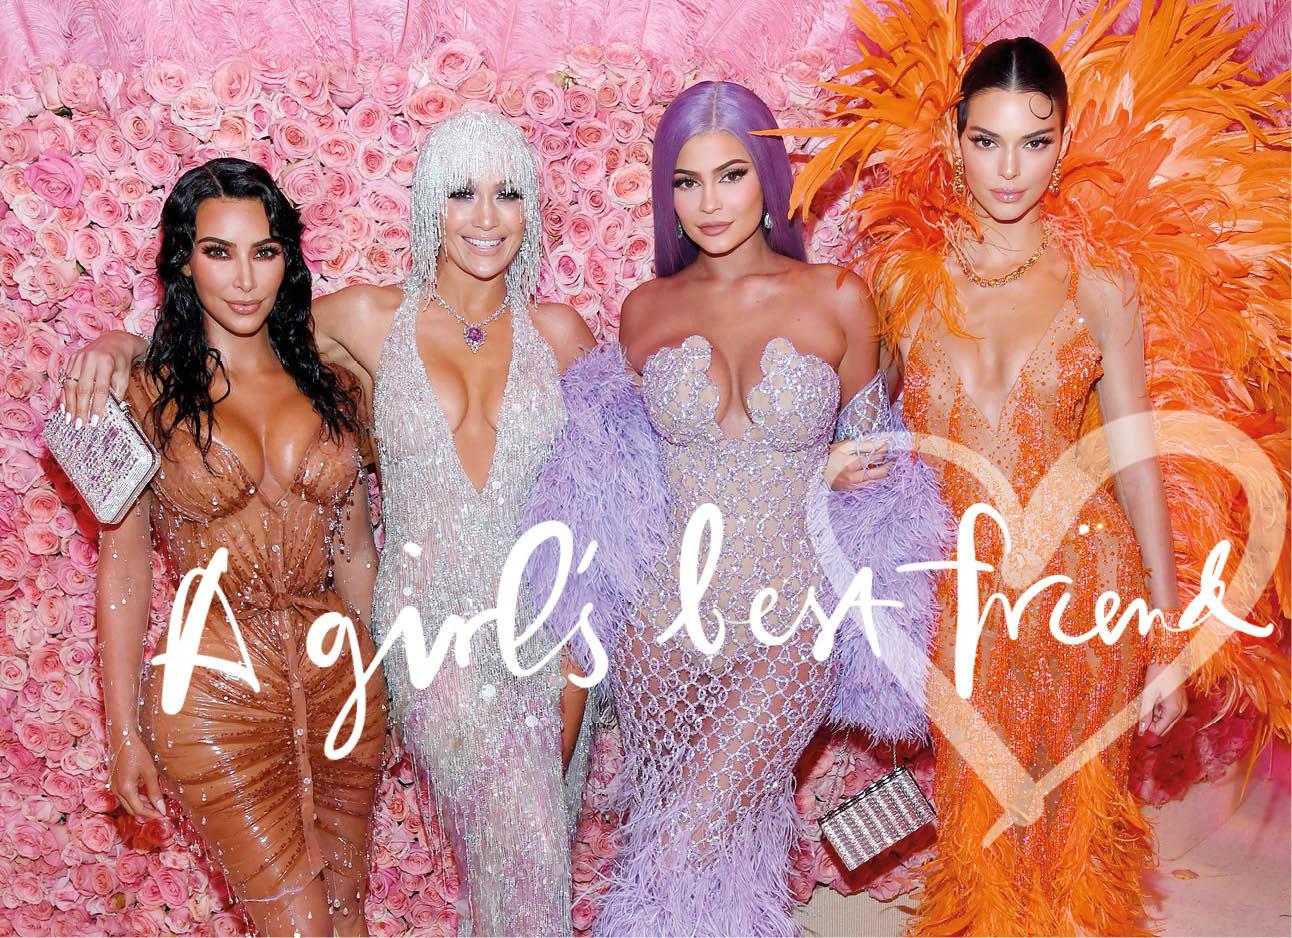 Kim kardashian JLO Kylie jenner en kendall Jenner tijdens gala op de rode loper